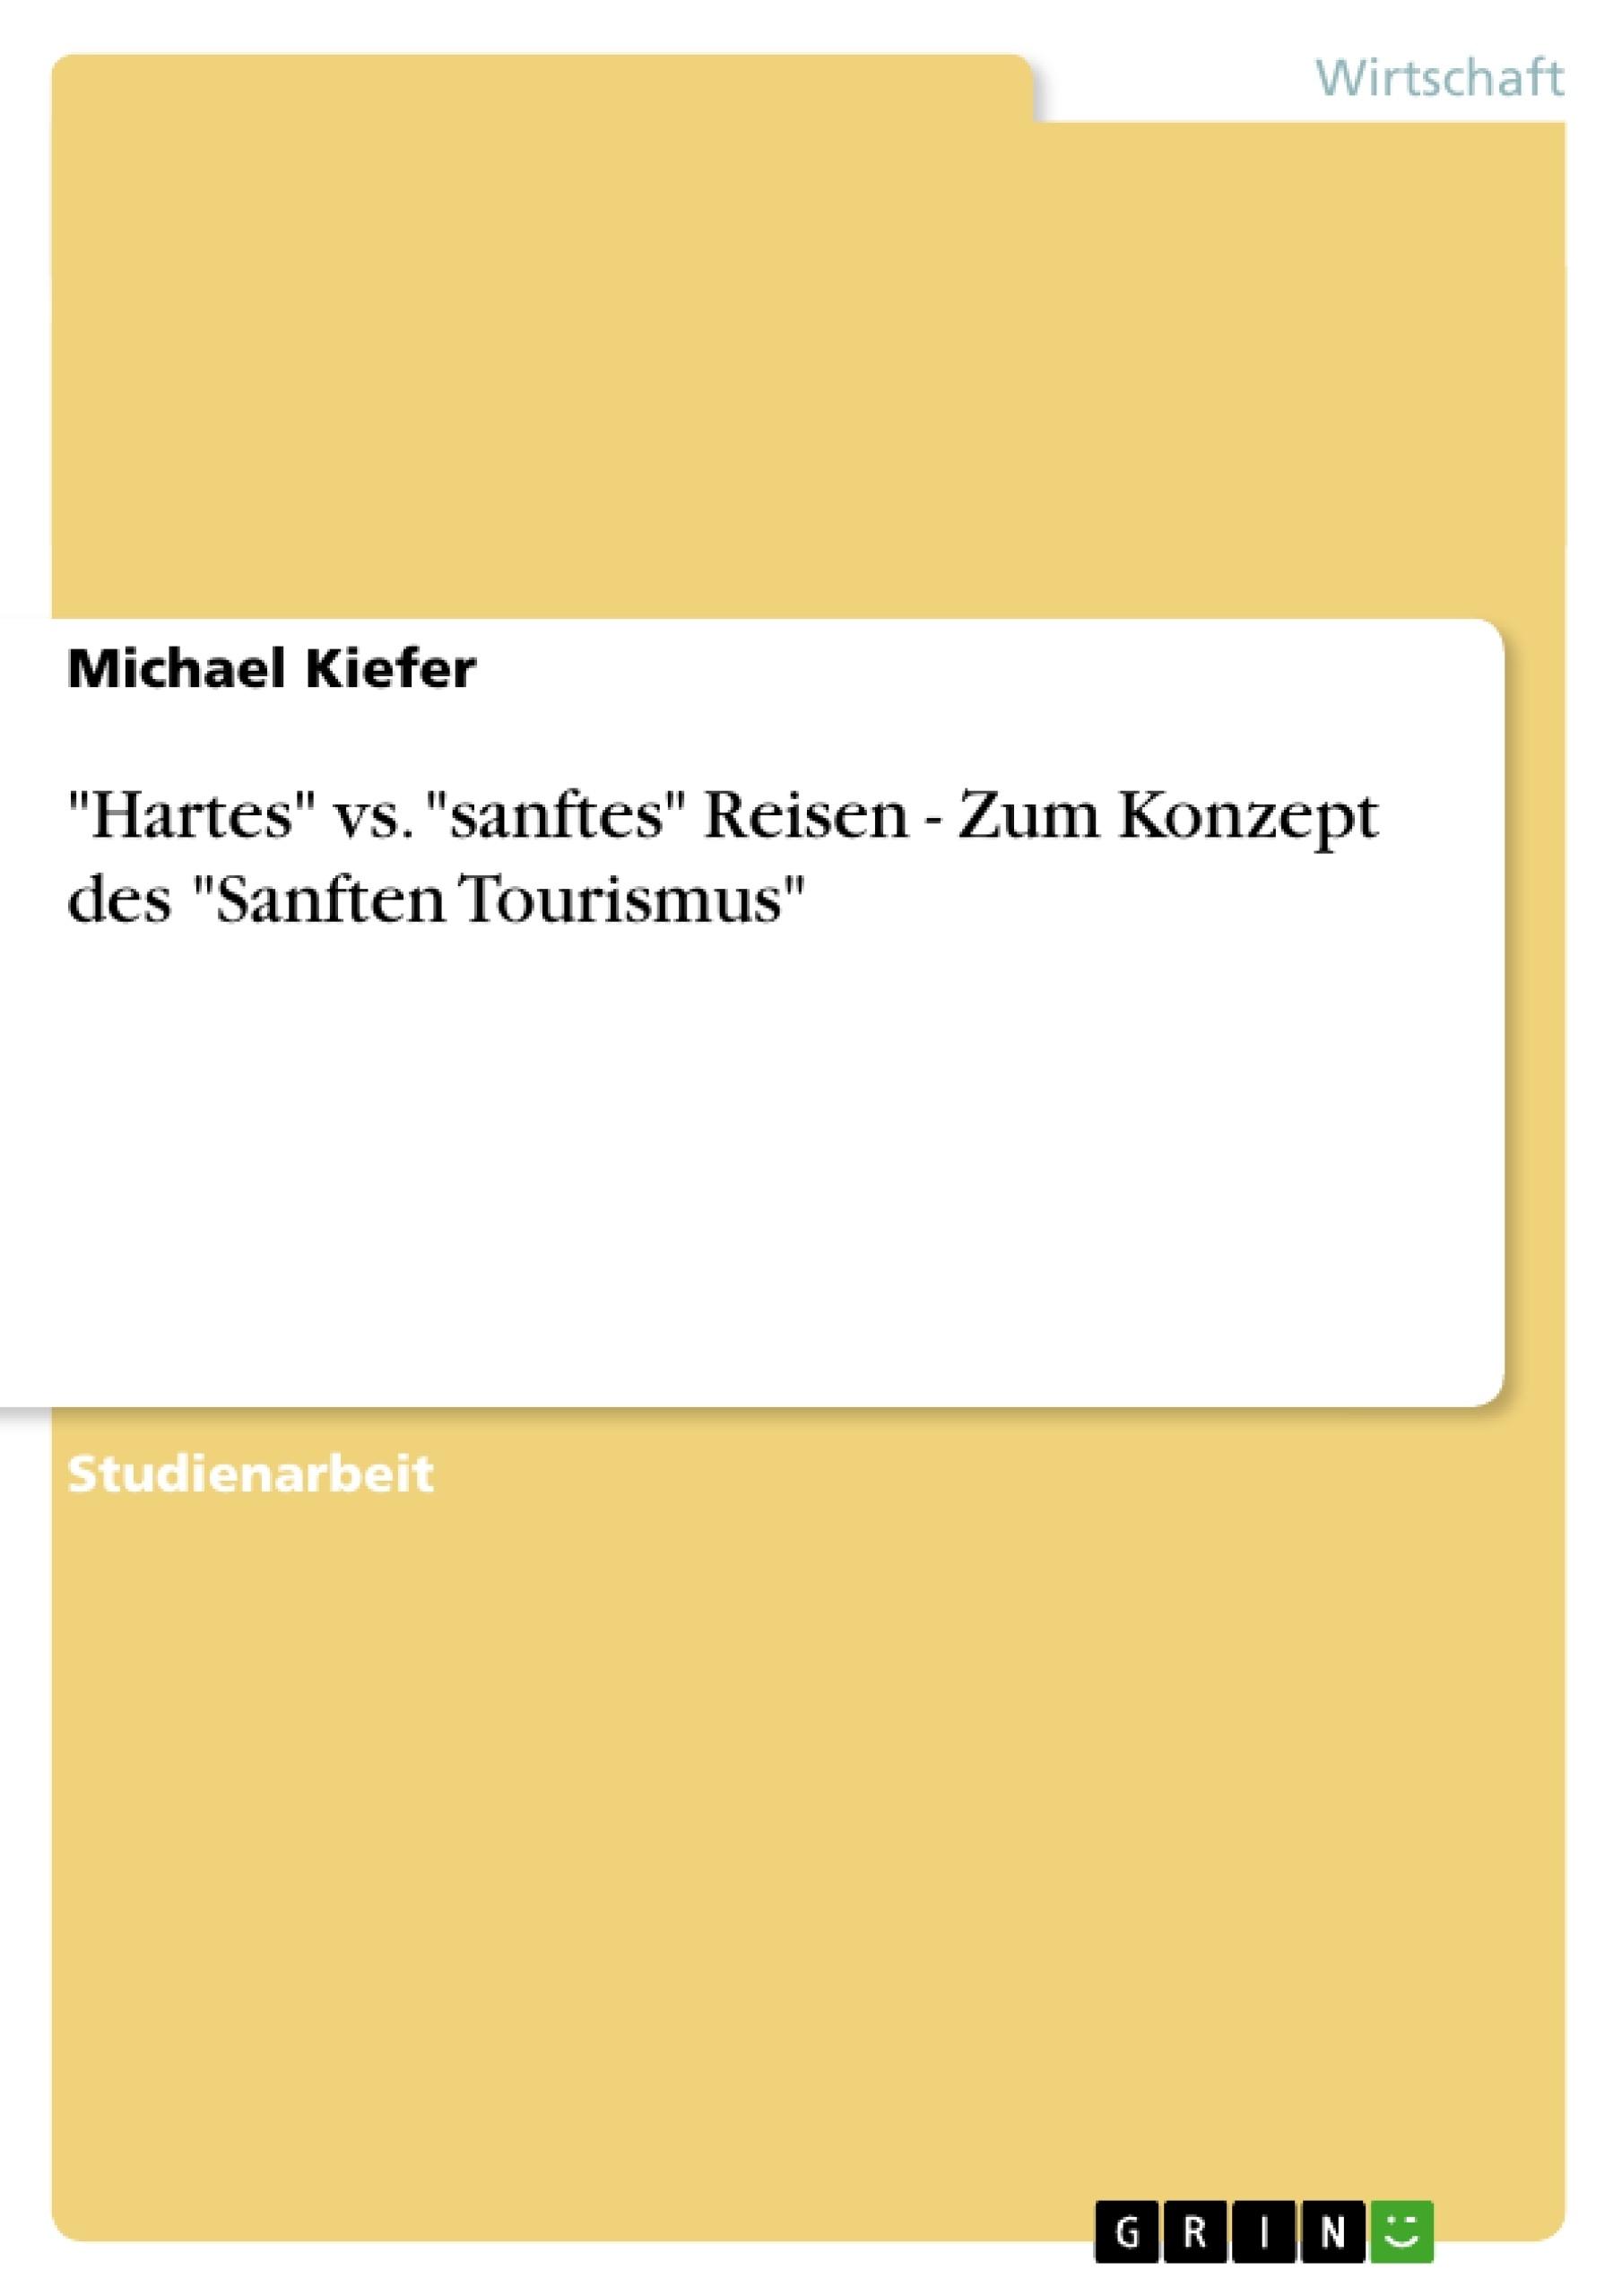 """Titel: """"Hartes"""" vs. """"sanftes"""" Reisen - Zum Konzept des """"Sanften Tourismus"""""""